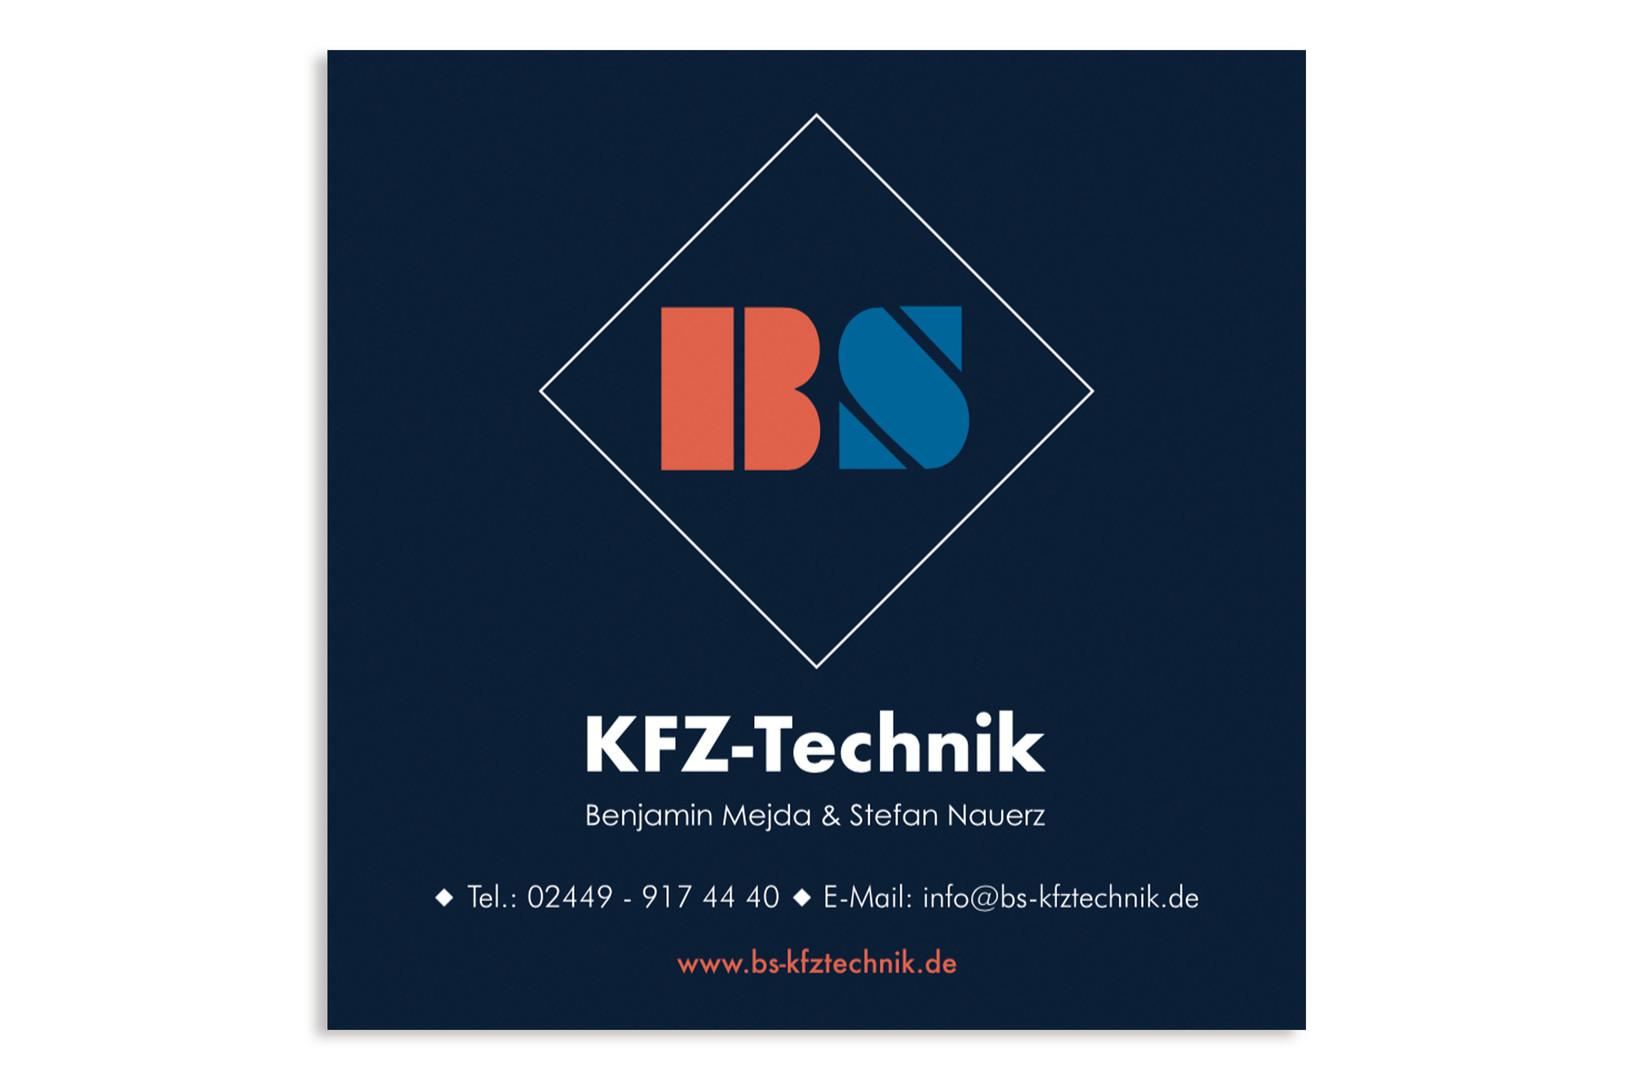 B&S_KFZ_Technik_ Schild.jpg